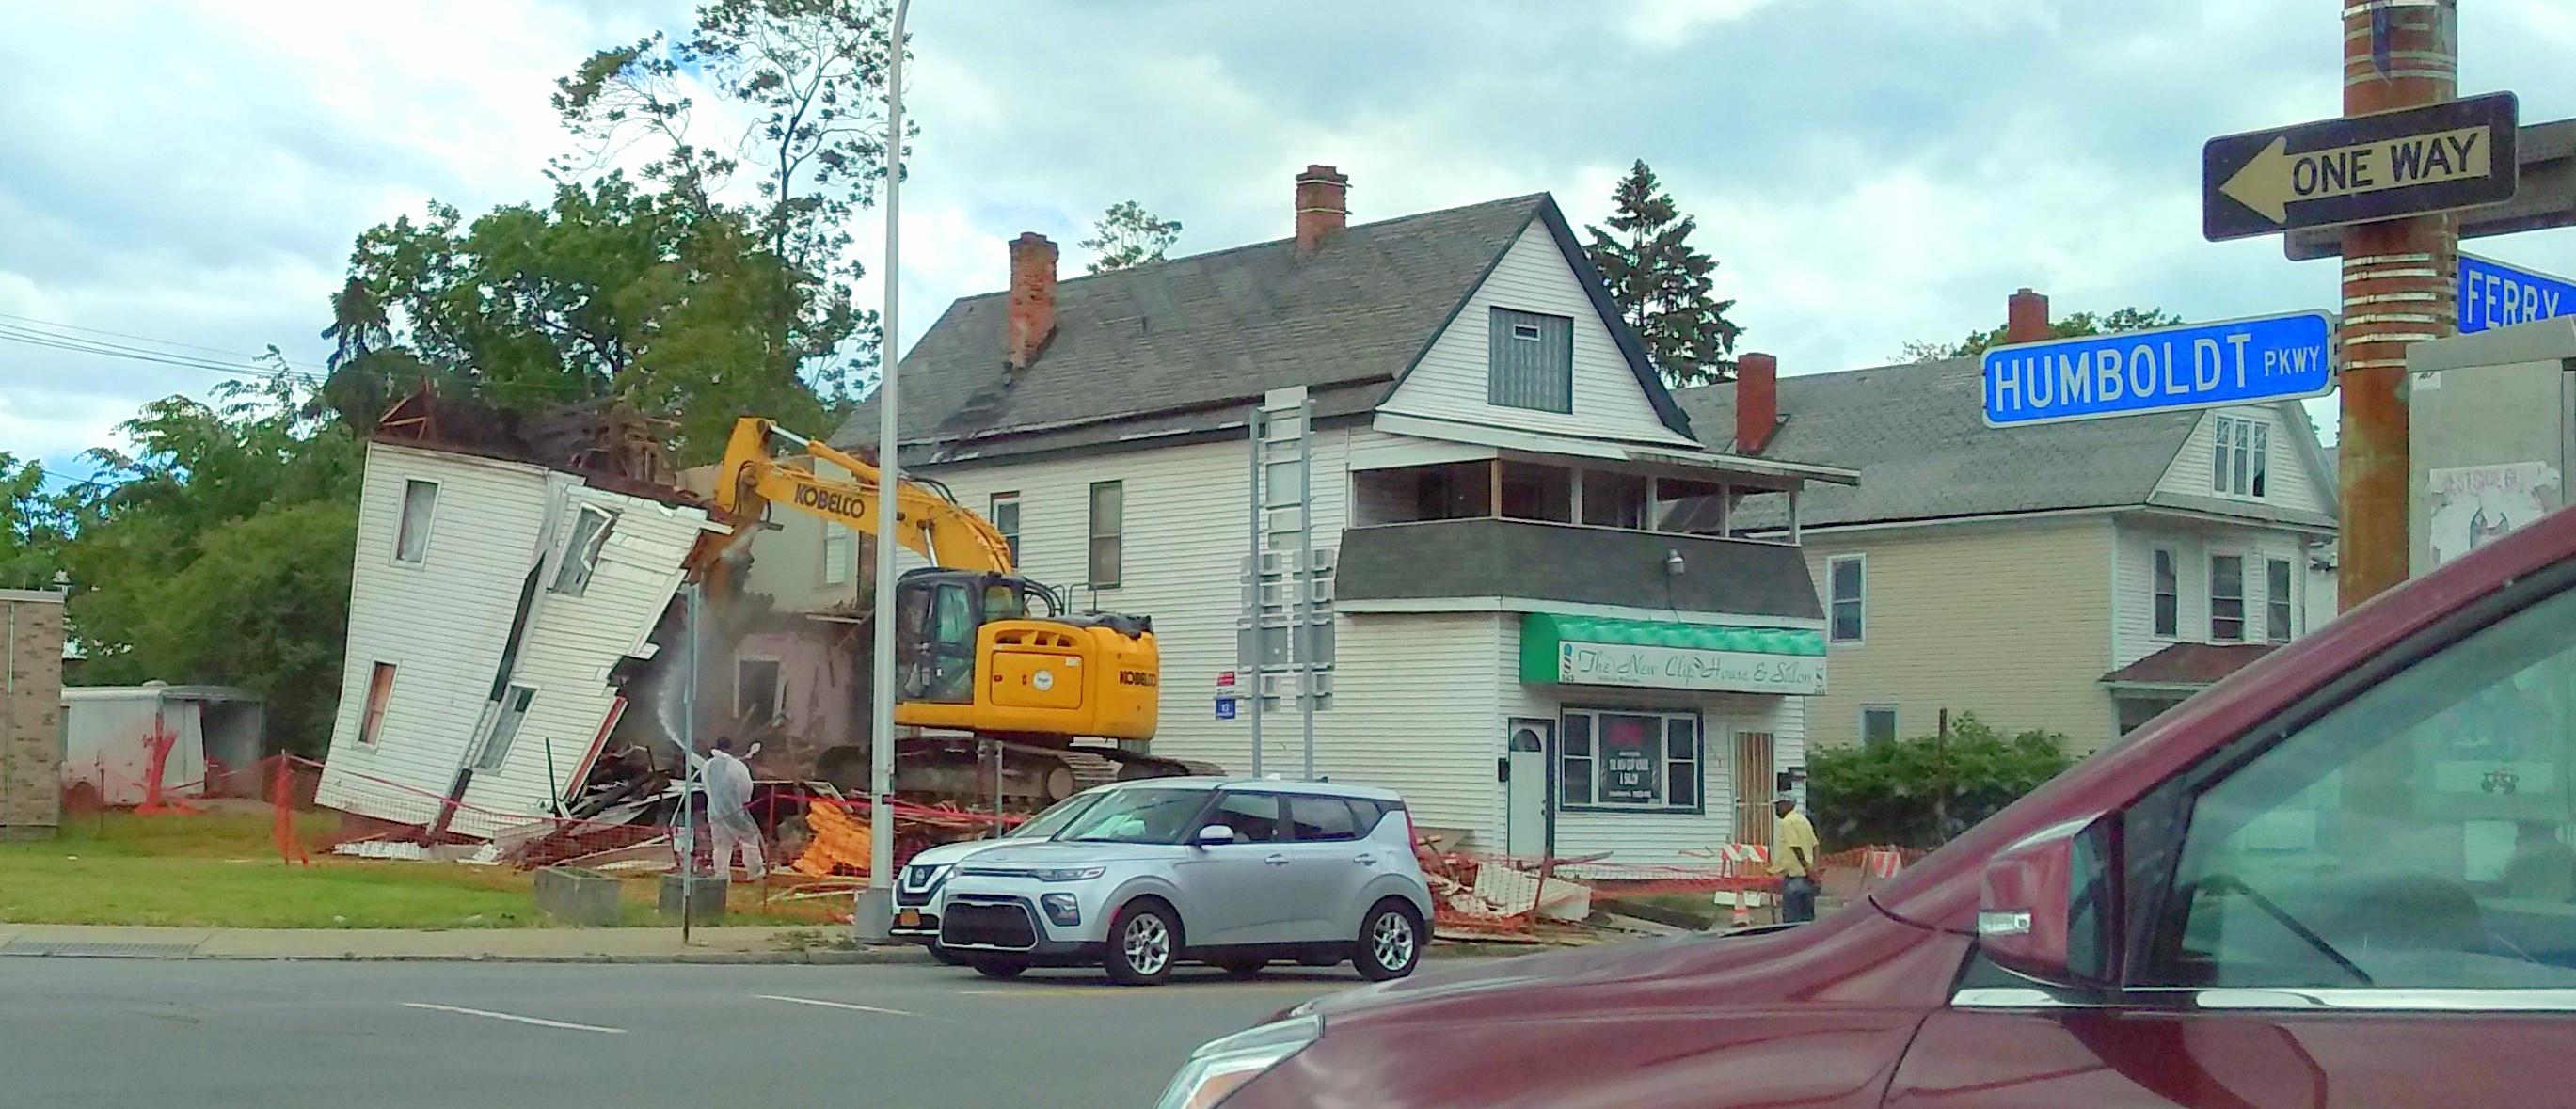 545 East Ferry Street